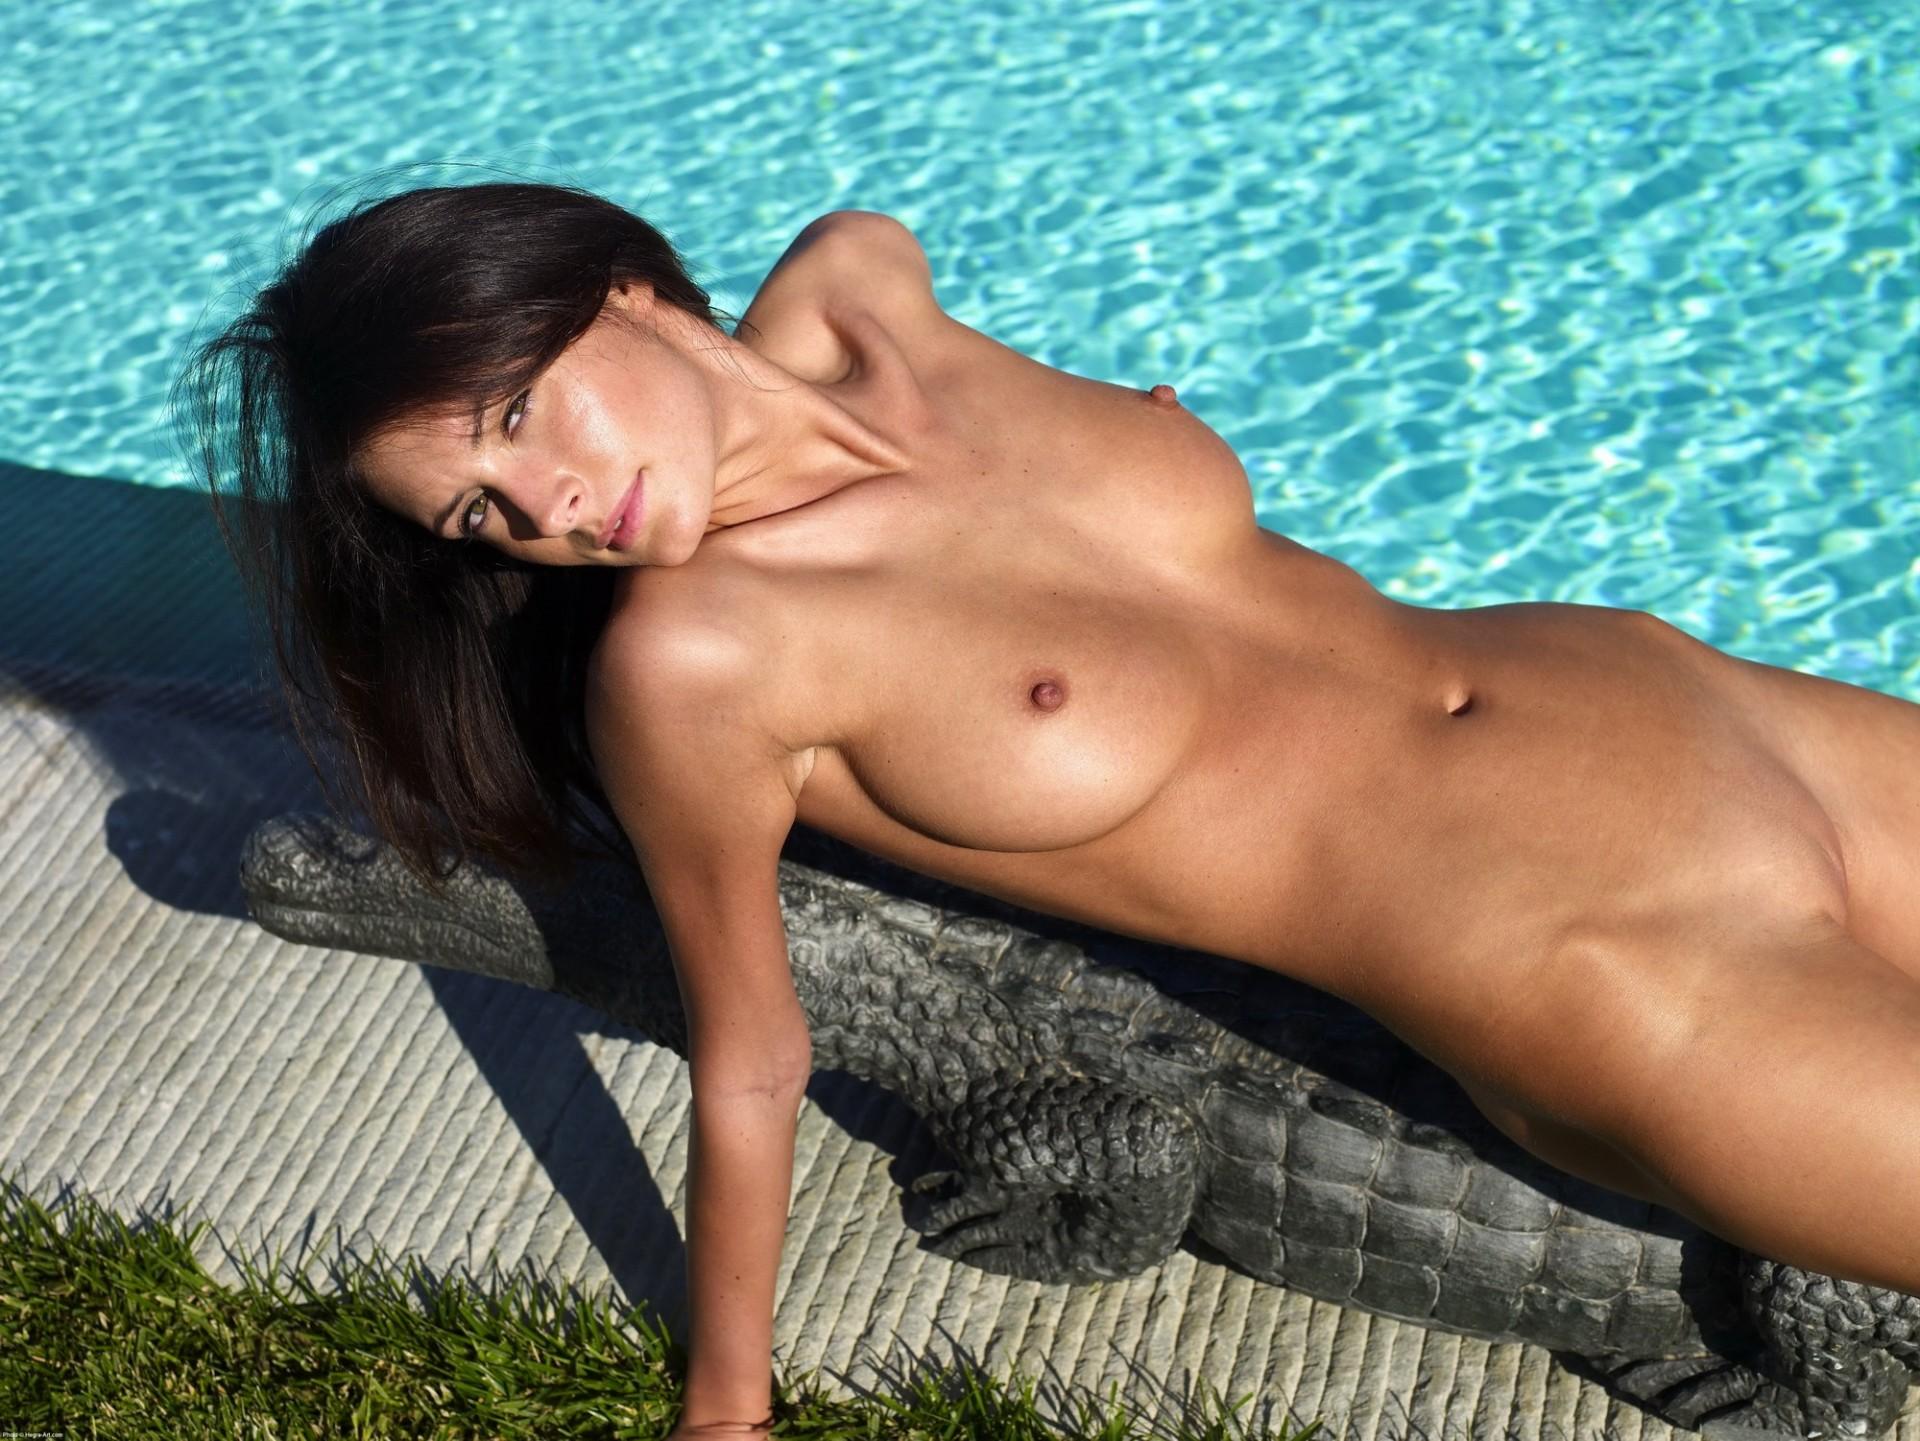 загорелые голые женщины видео